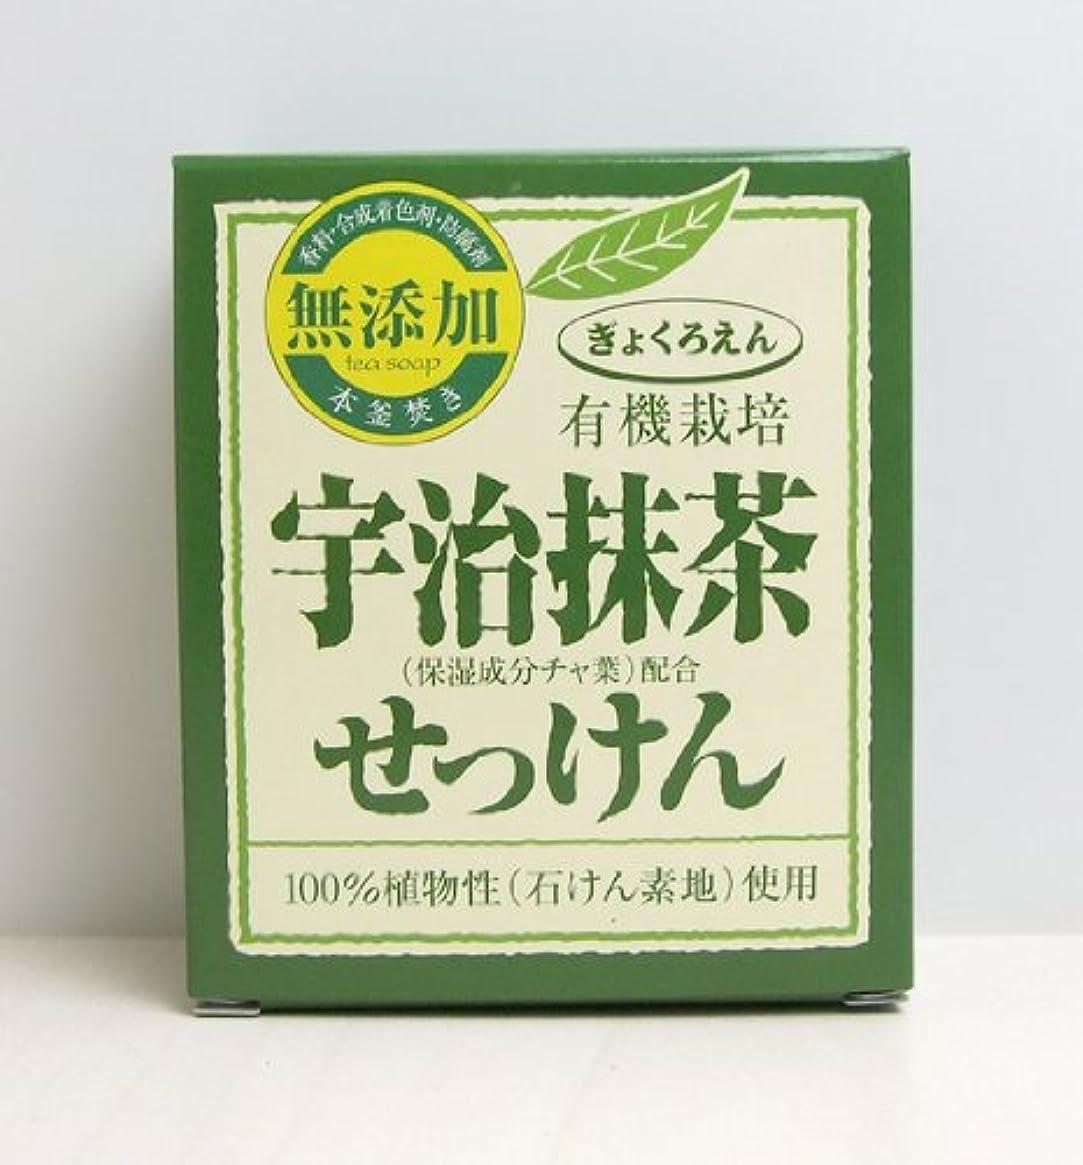 後退する抑制コインランドリーお茶のせっけん:有機栽培宇治抹茶せっけん